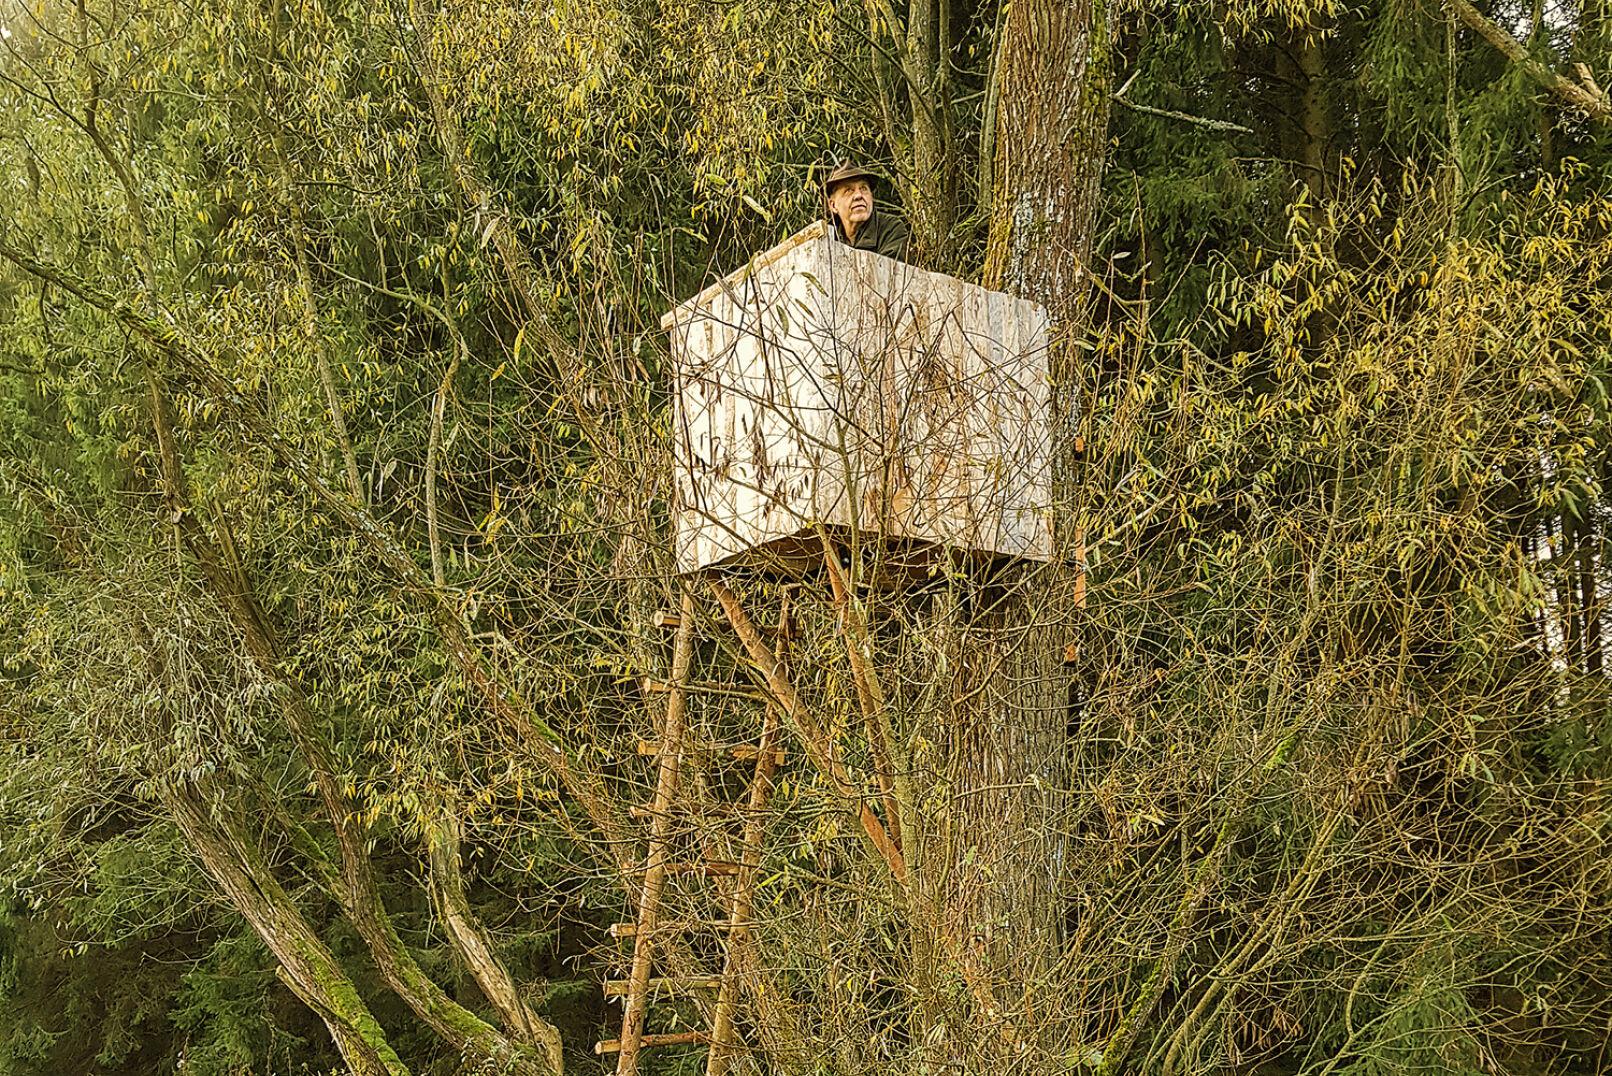 Gute Deckung - Deckung lässt den Jäger förmlich mit dem Hintergrund verschmelzen! - © Dominik Steinhauser